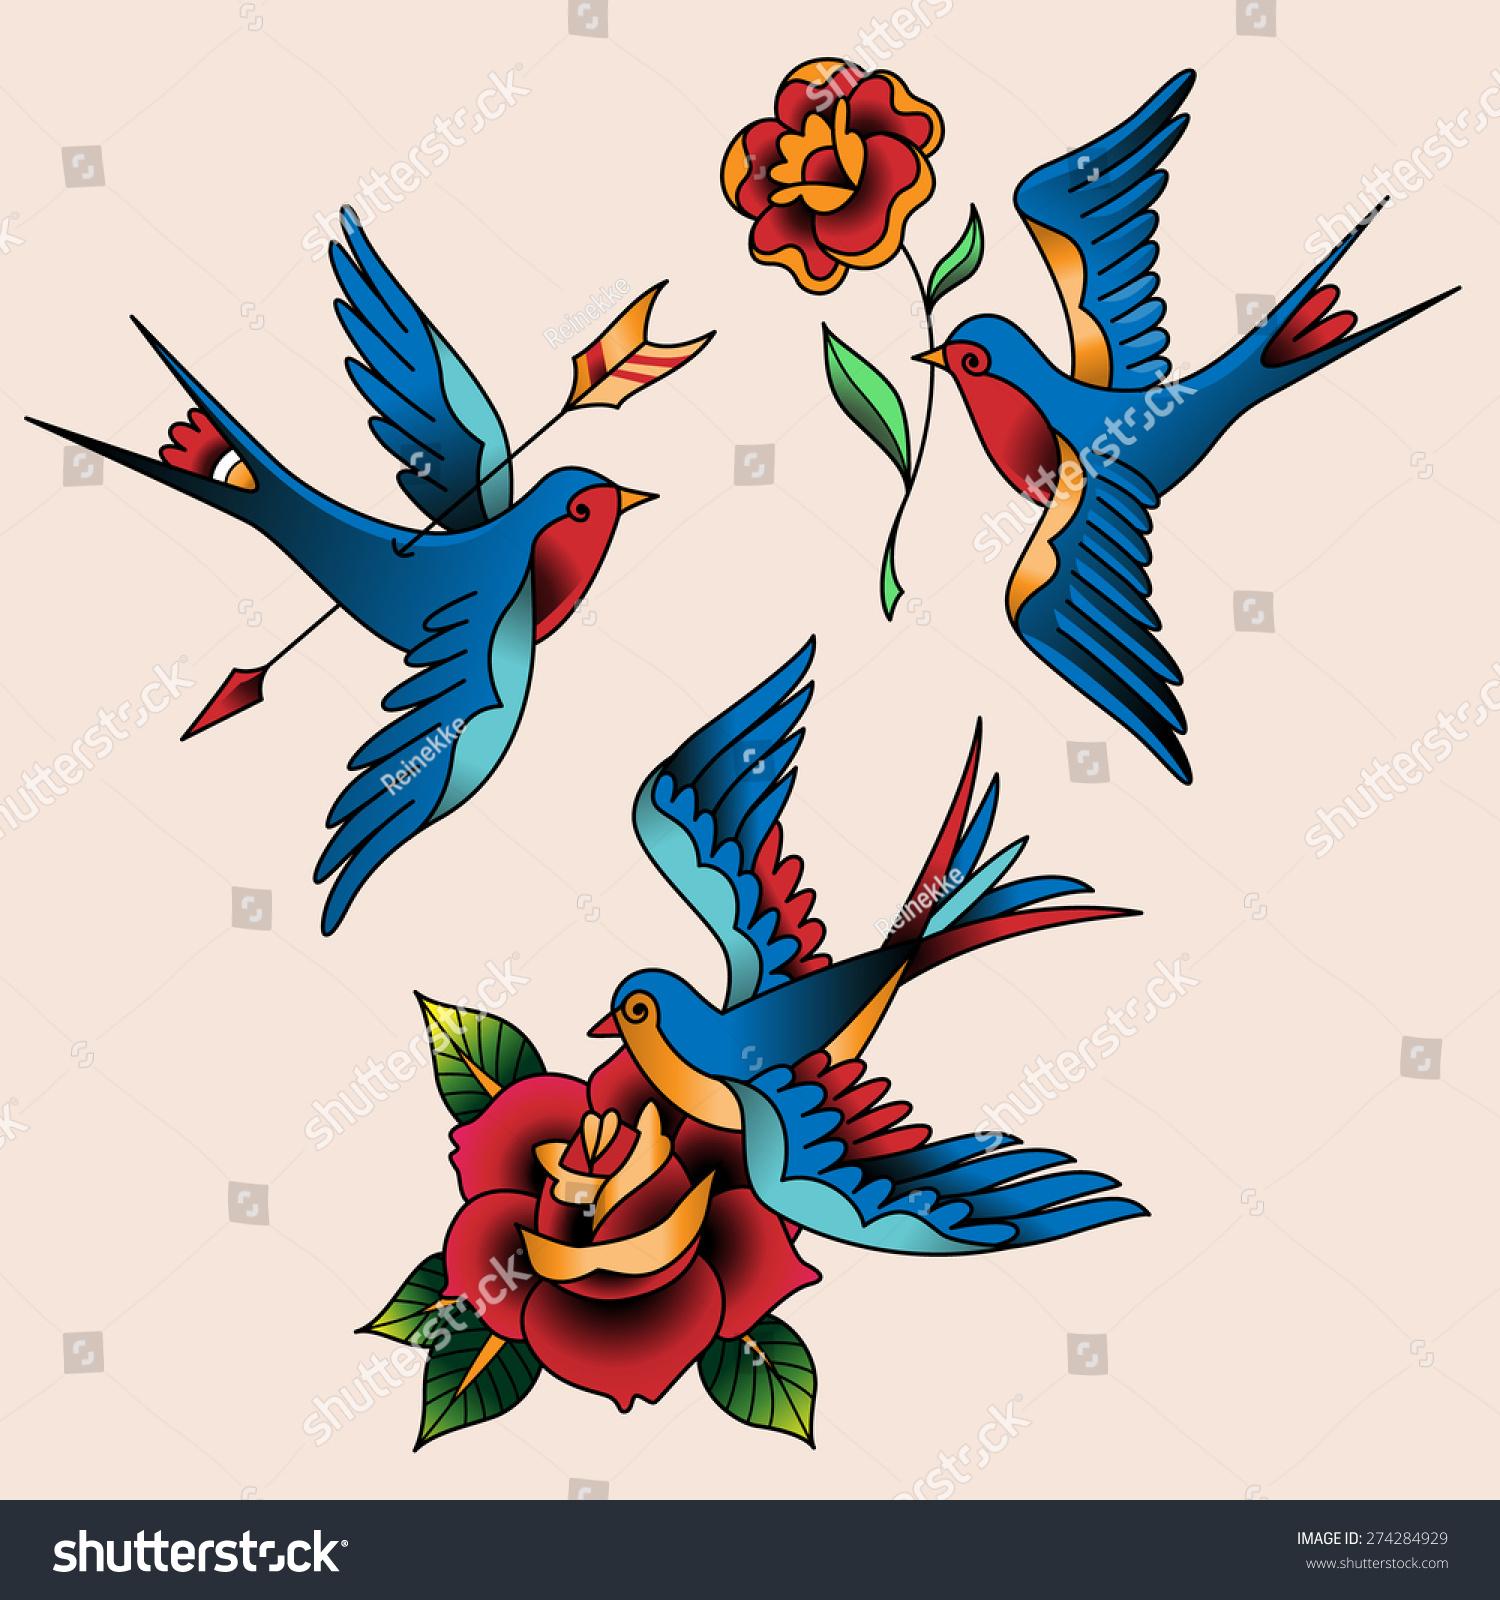 燕子风景图片微信头像